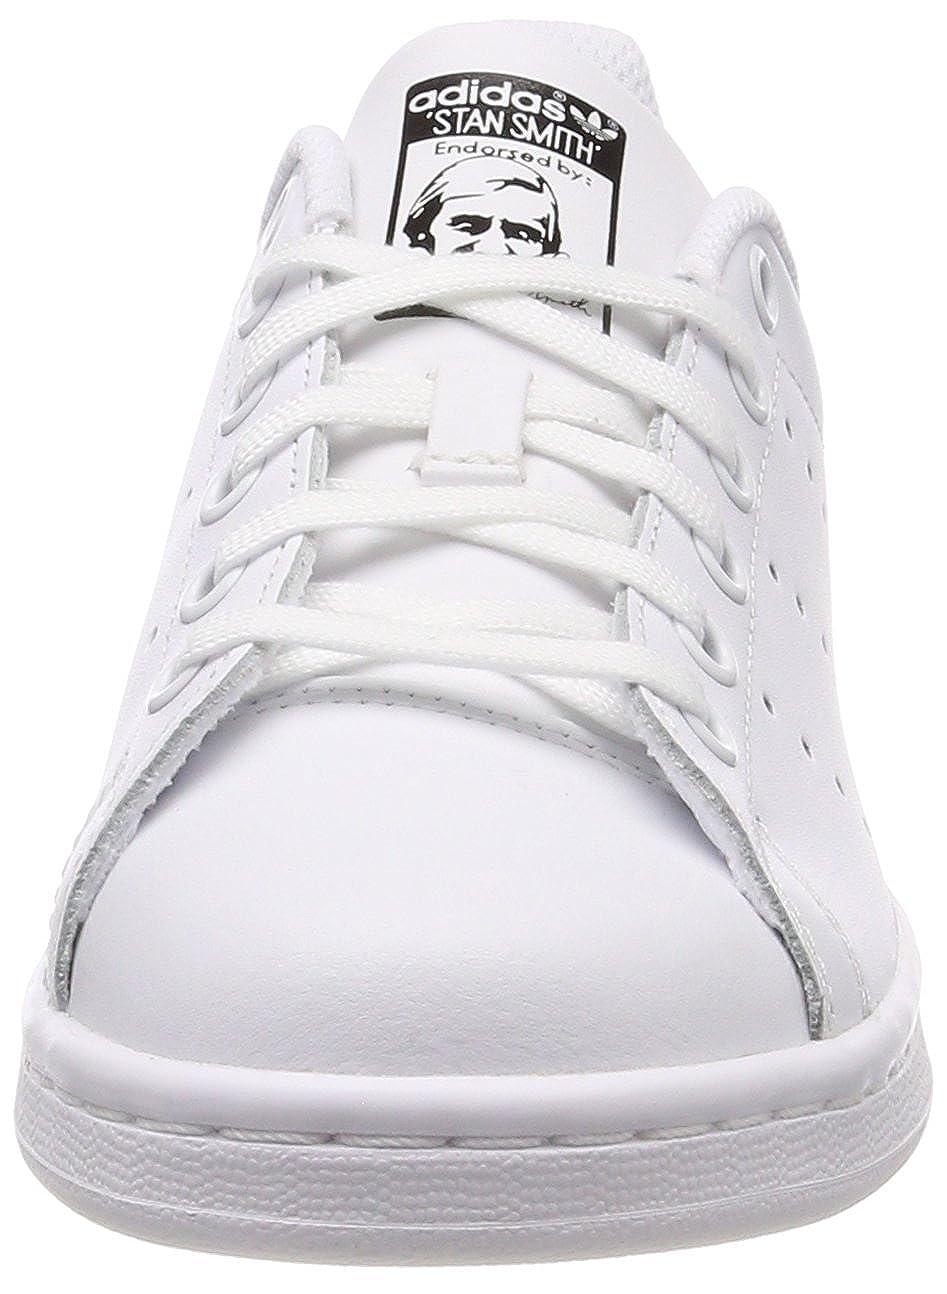 newest fc97a 7f49e adidas AQ6272 Stan Smith J, Basket Mixte Enfant  Amazon.fr  Chaussures et  Sacs